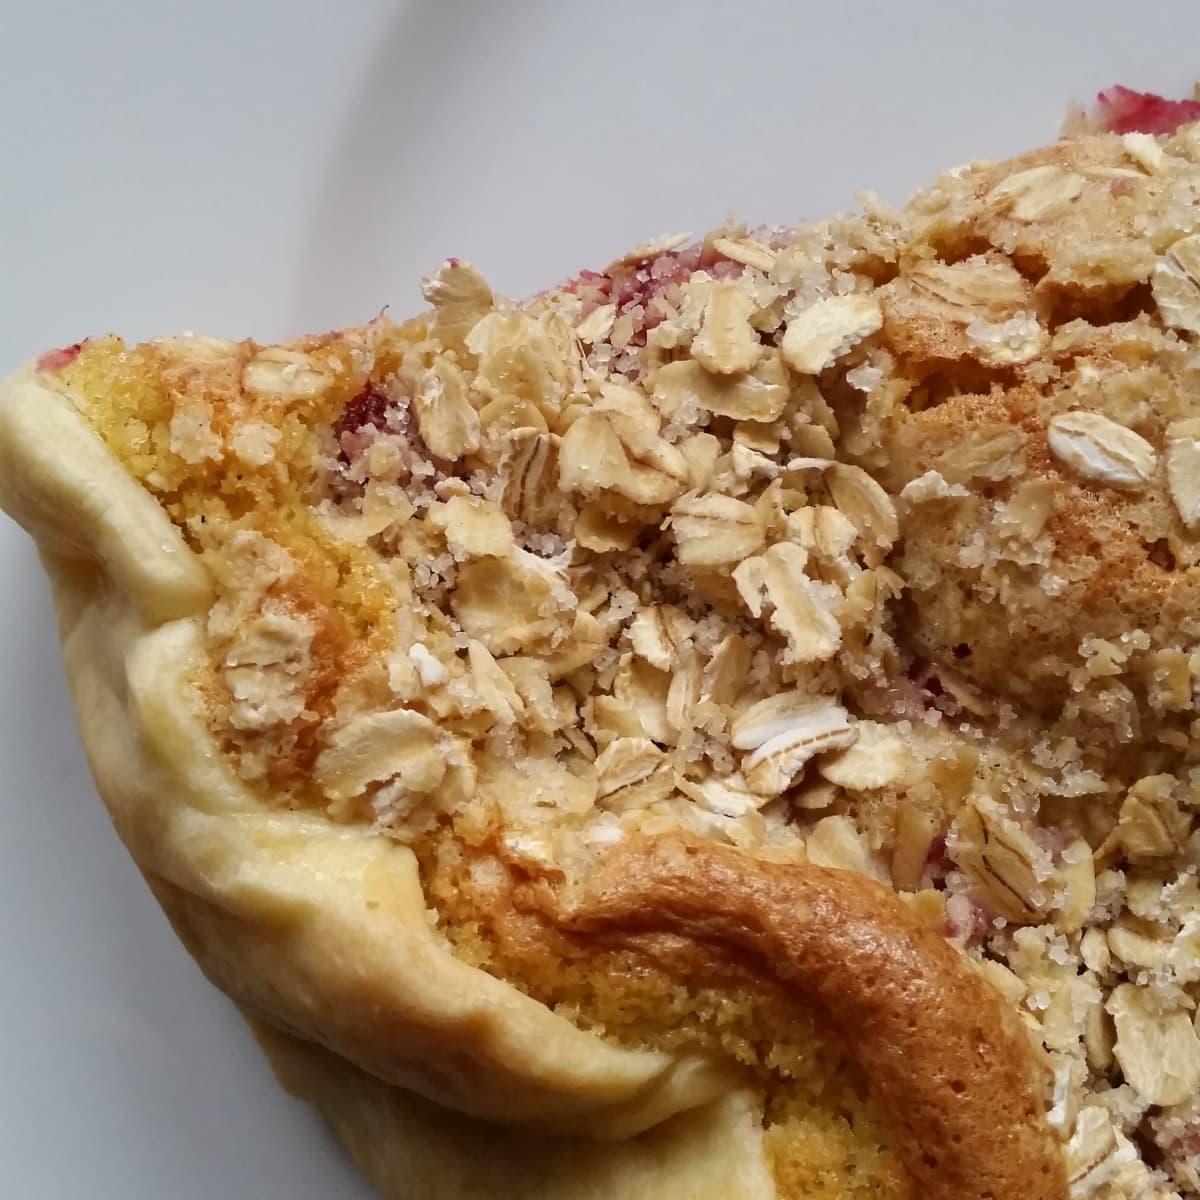 Lav en nem hindbærtærte med marcipan, brug færdig tærtedej eller lav selv din mørdej - Find opskrifter på lagkager, mad og desserter, samt inspiration til årets gang på danishthings.com